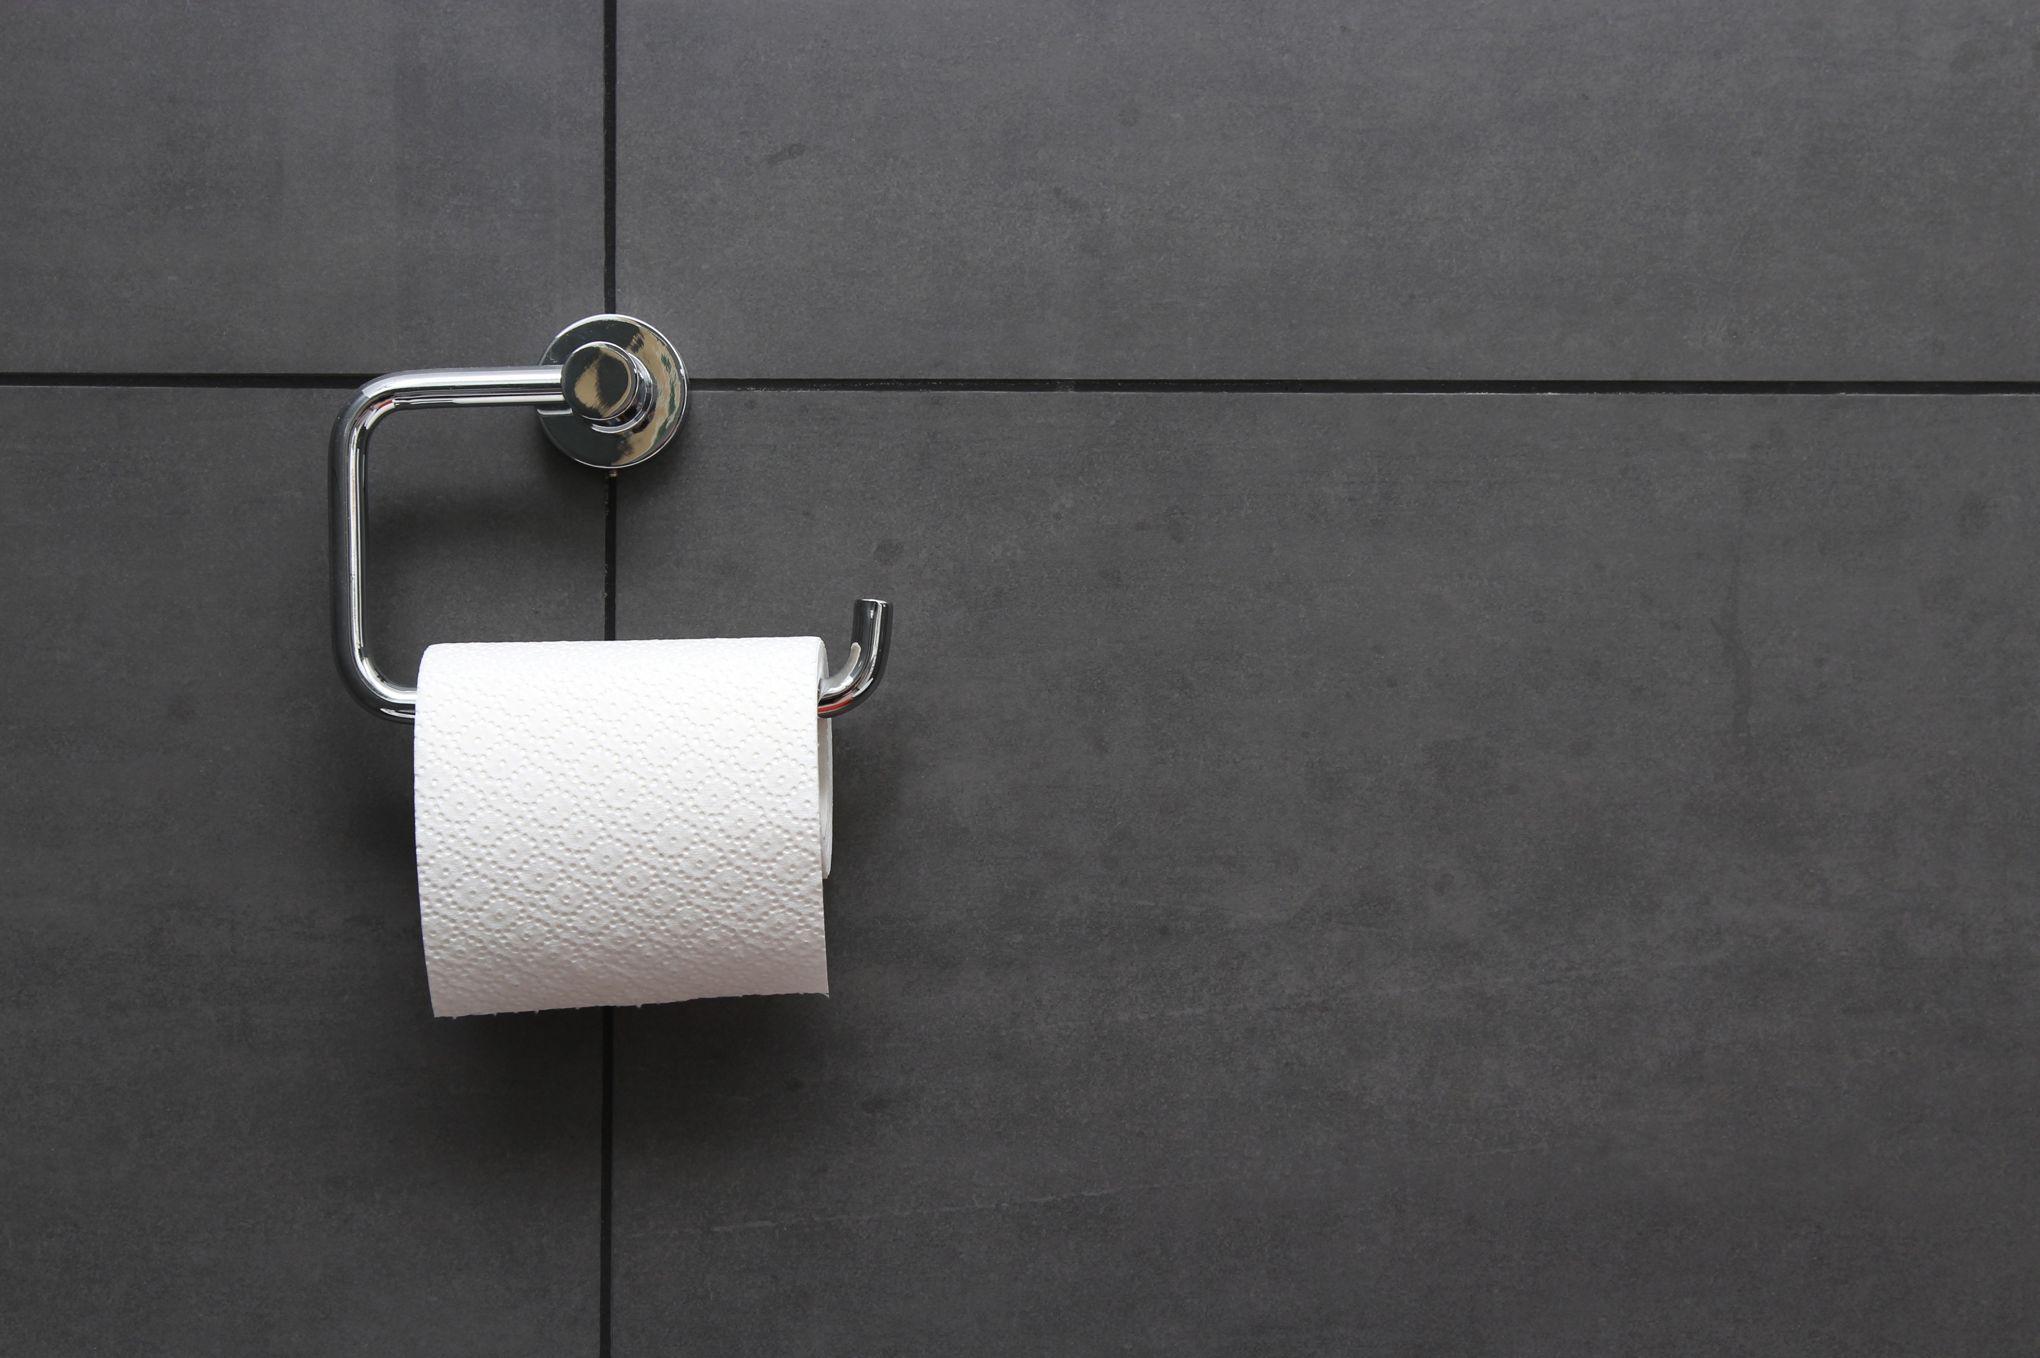 Toilettes Sèches En Appartement bretagne: des toilettes sèches dans une résidence, une première